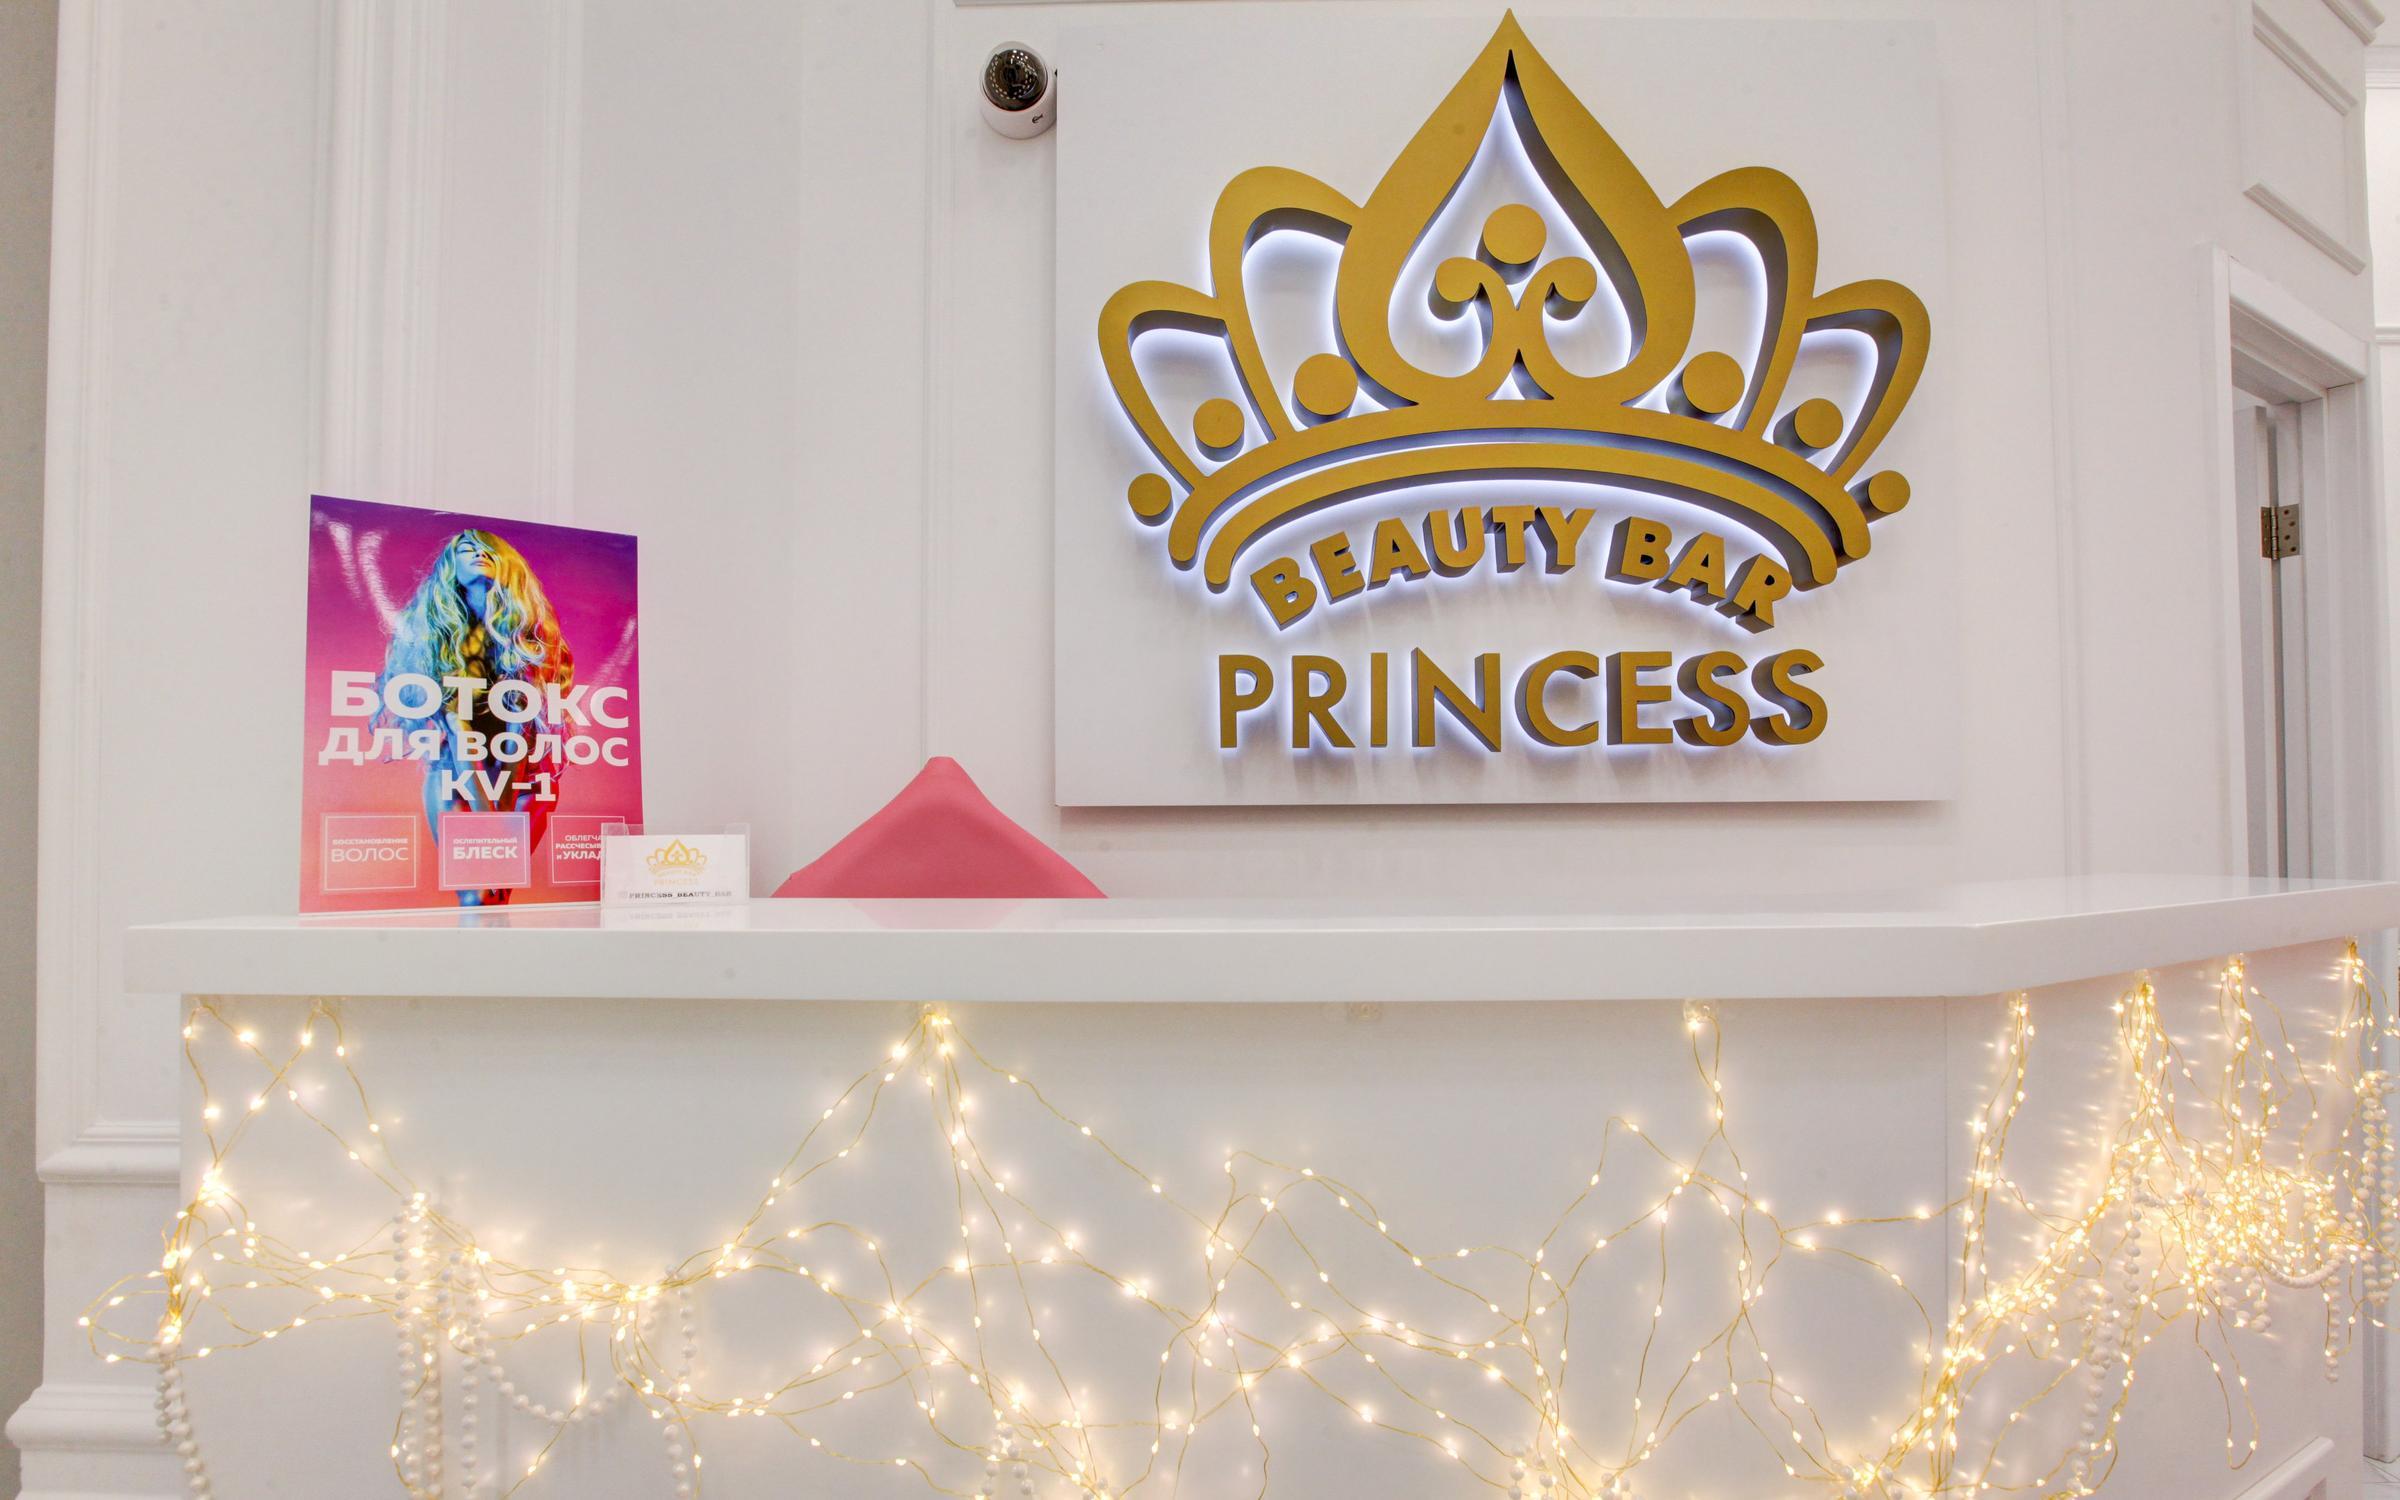 фотография Салона красоты Princess Beauty Bar в Митино